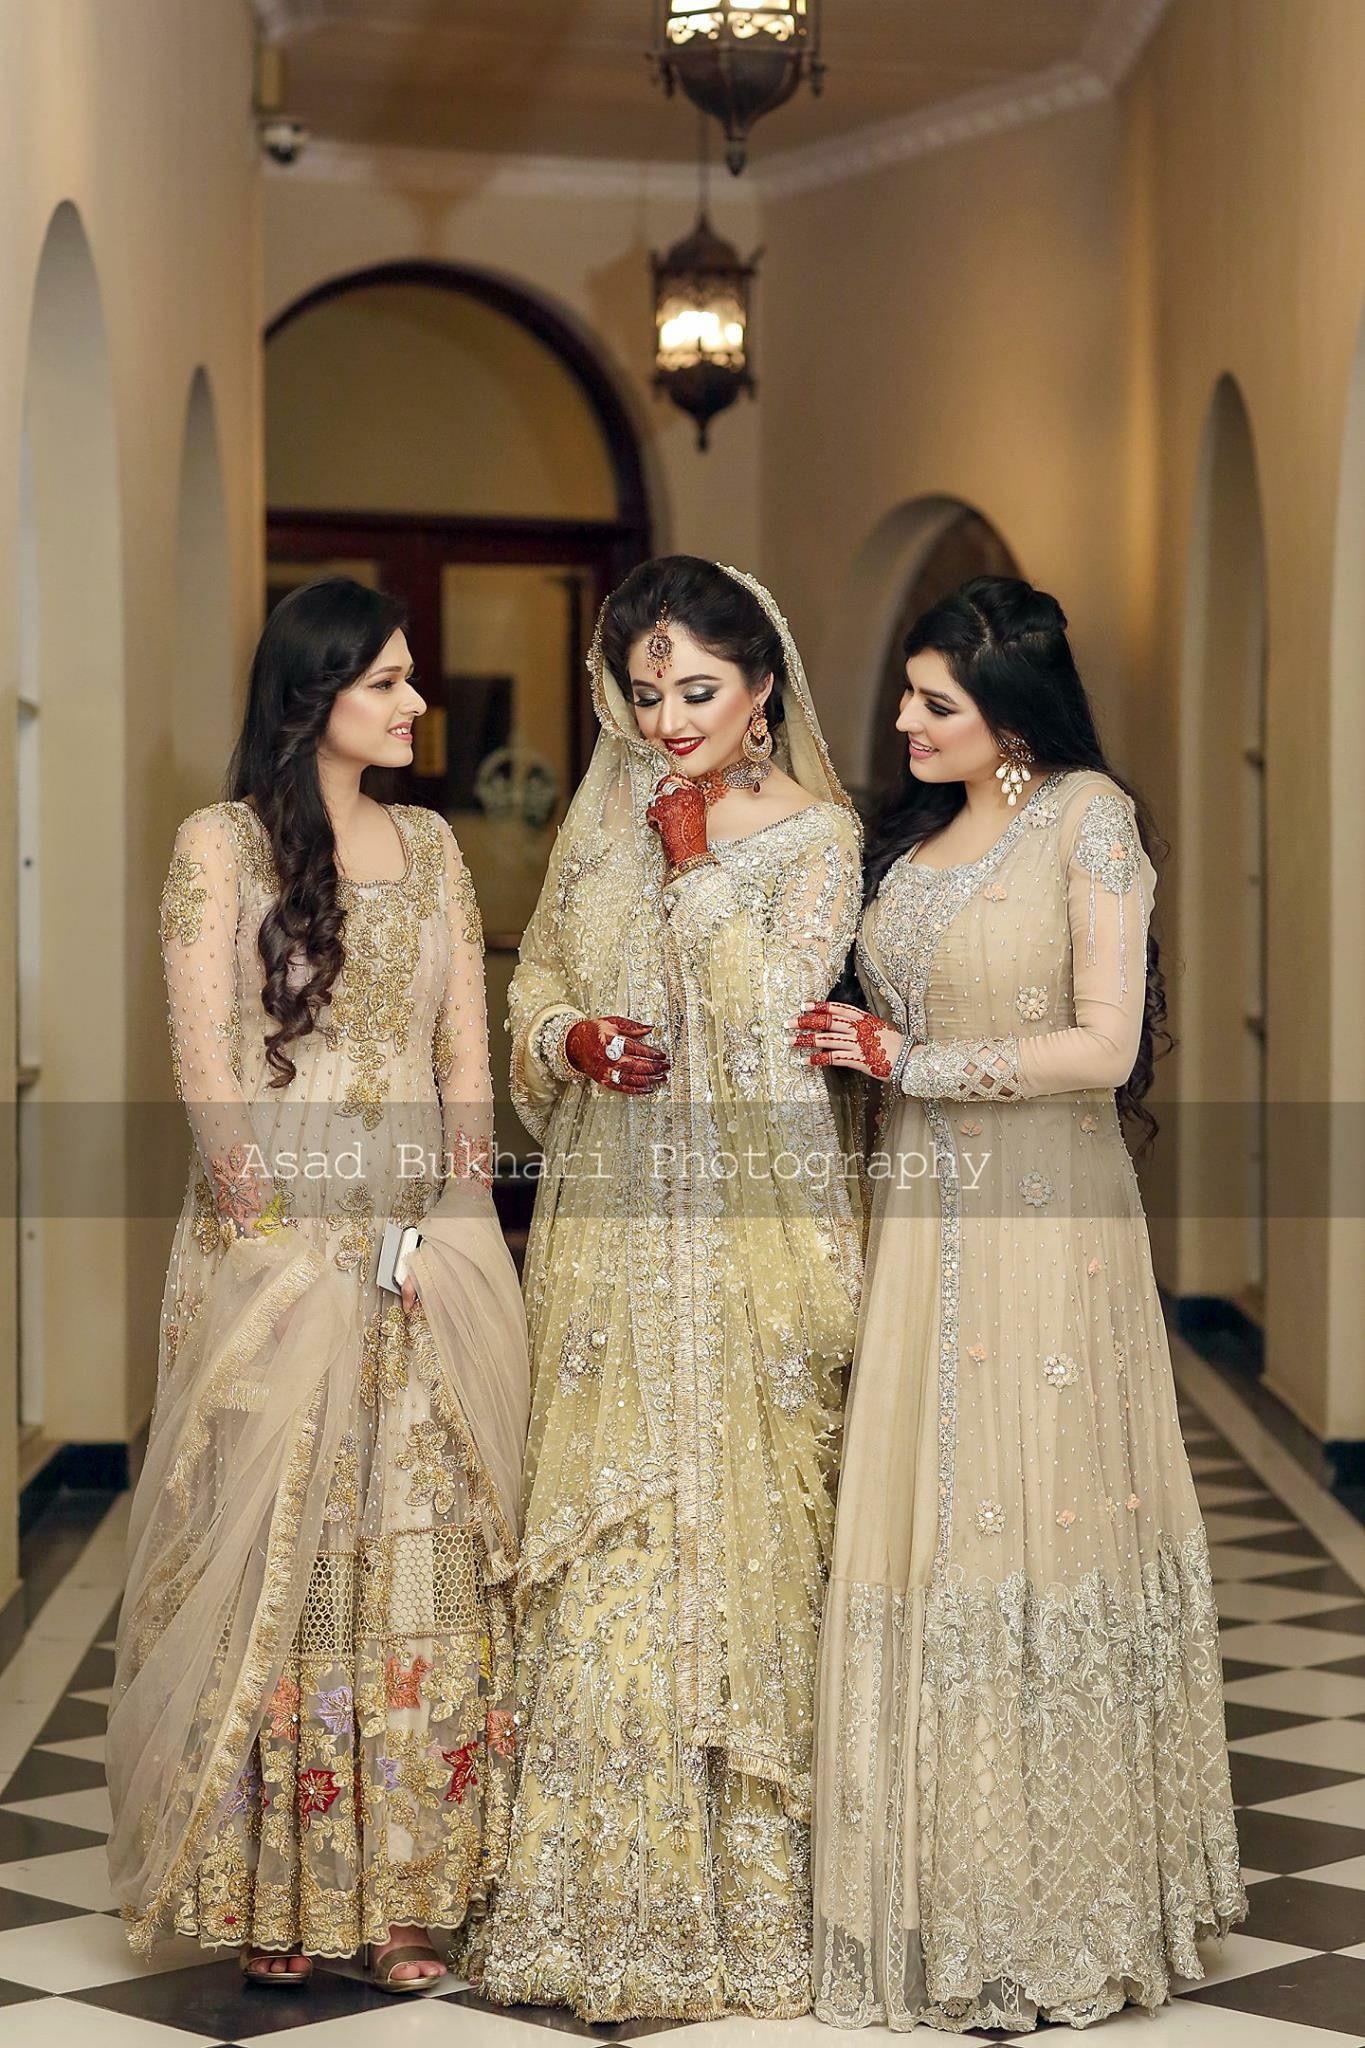 Pin Von M. S. Auf Pakistanische Kleider | Pakistanische